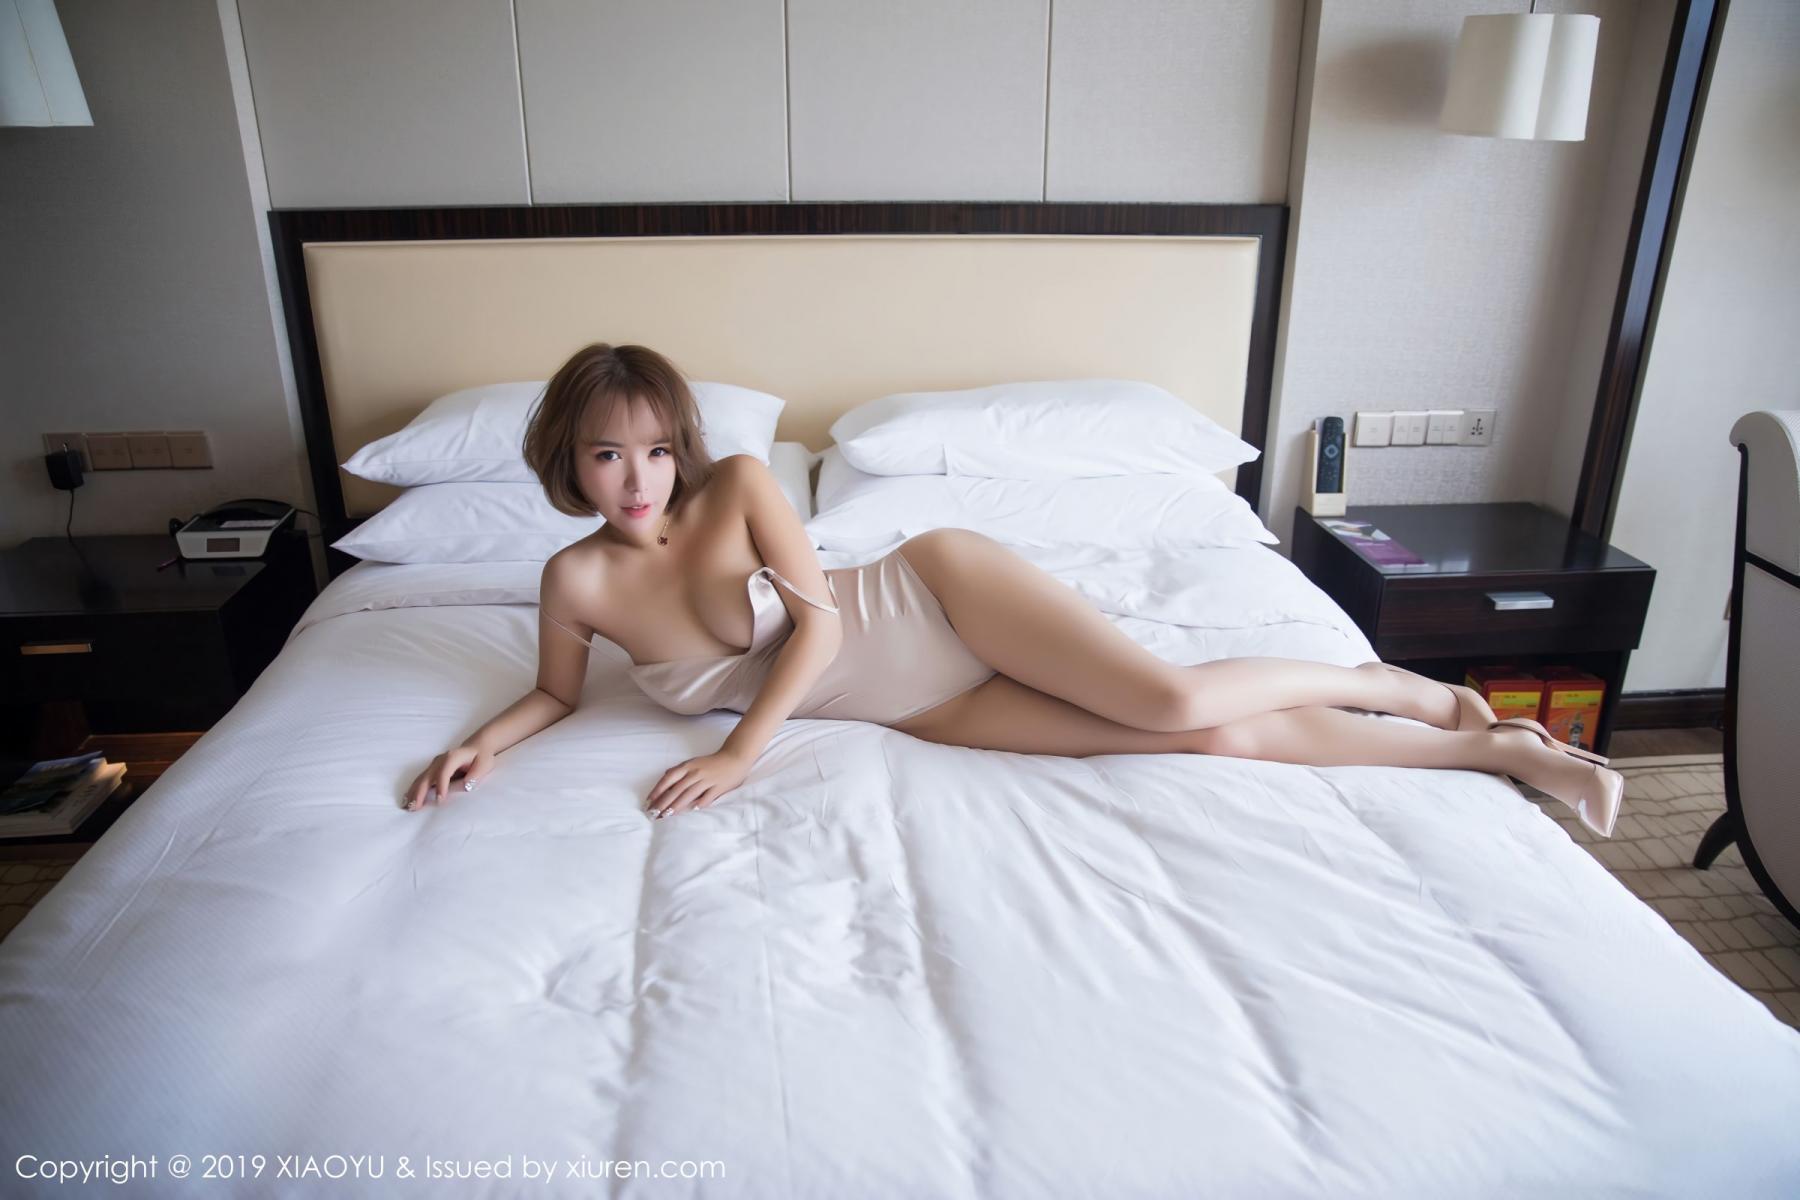 [XiaoYu] Vol.015 Chen Ya Wen 38P, Chen Ya Wen, Sexy, XiaoYu